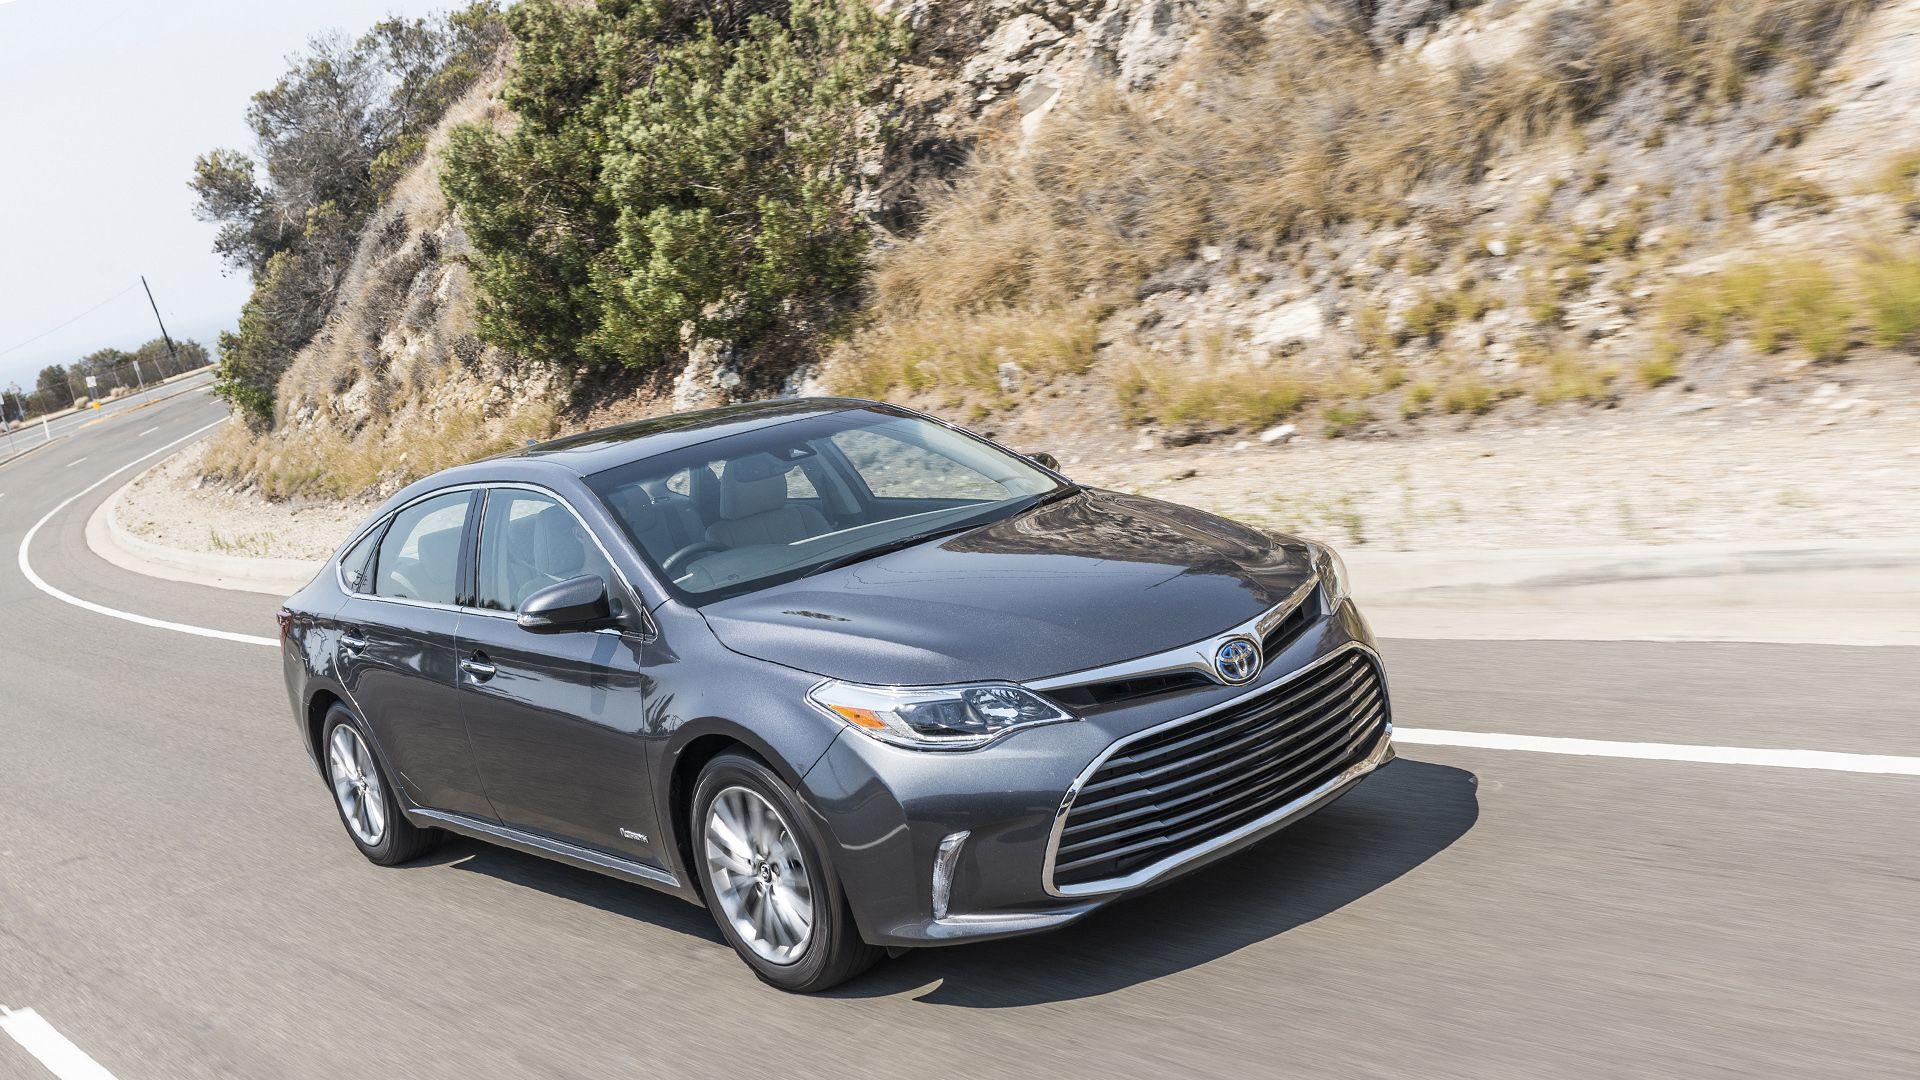 Épinglé sur Toyota car prices list